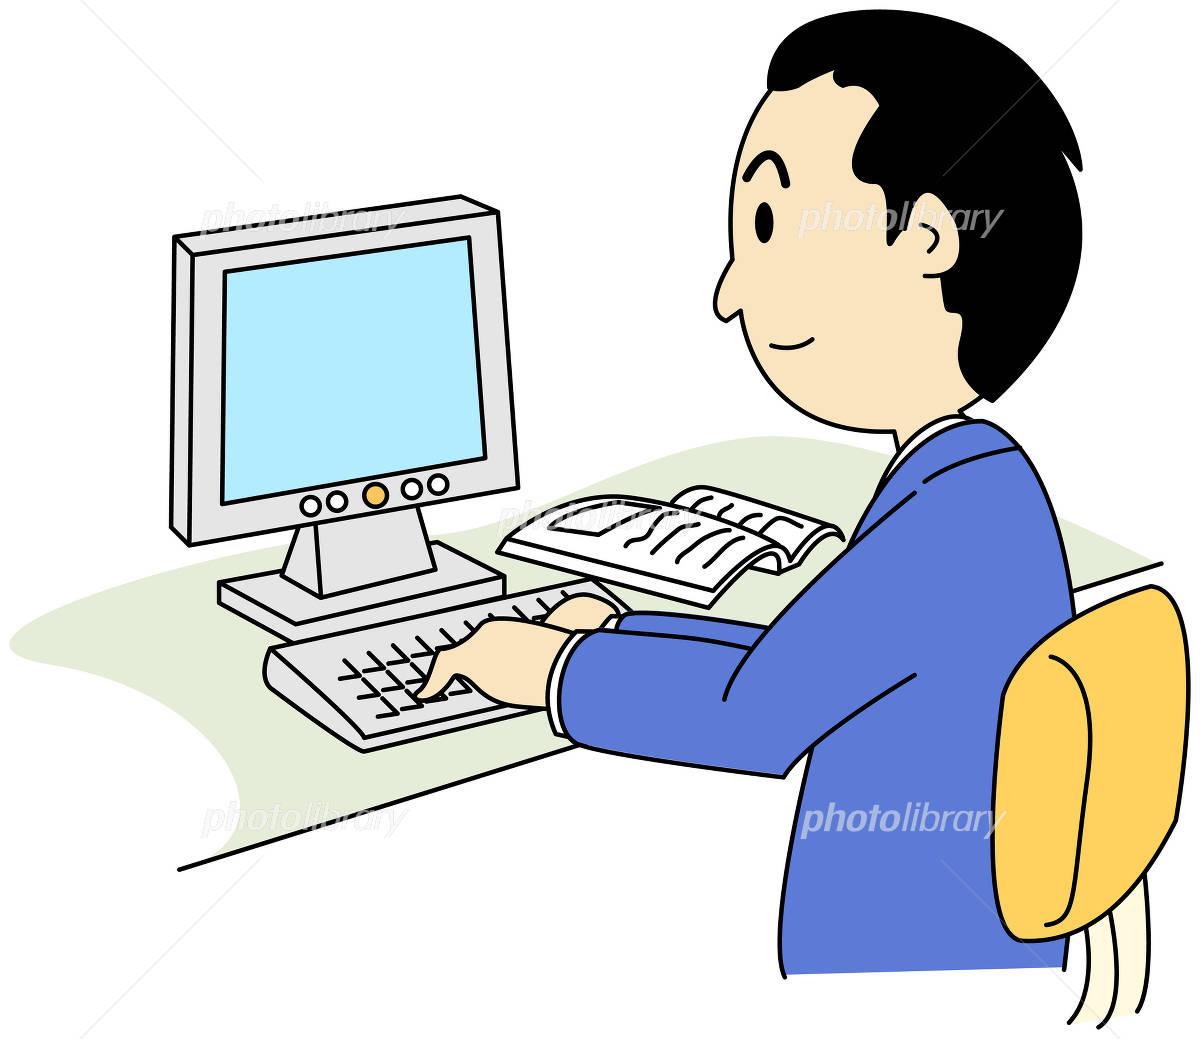 サラリーマン・パソコン-写真素材 サラリーマン・パソコン 画像ID 396324  サラリーマン